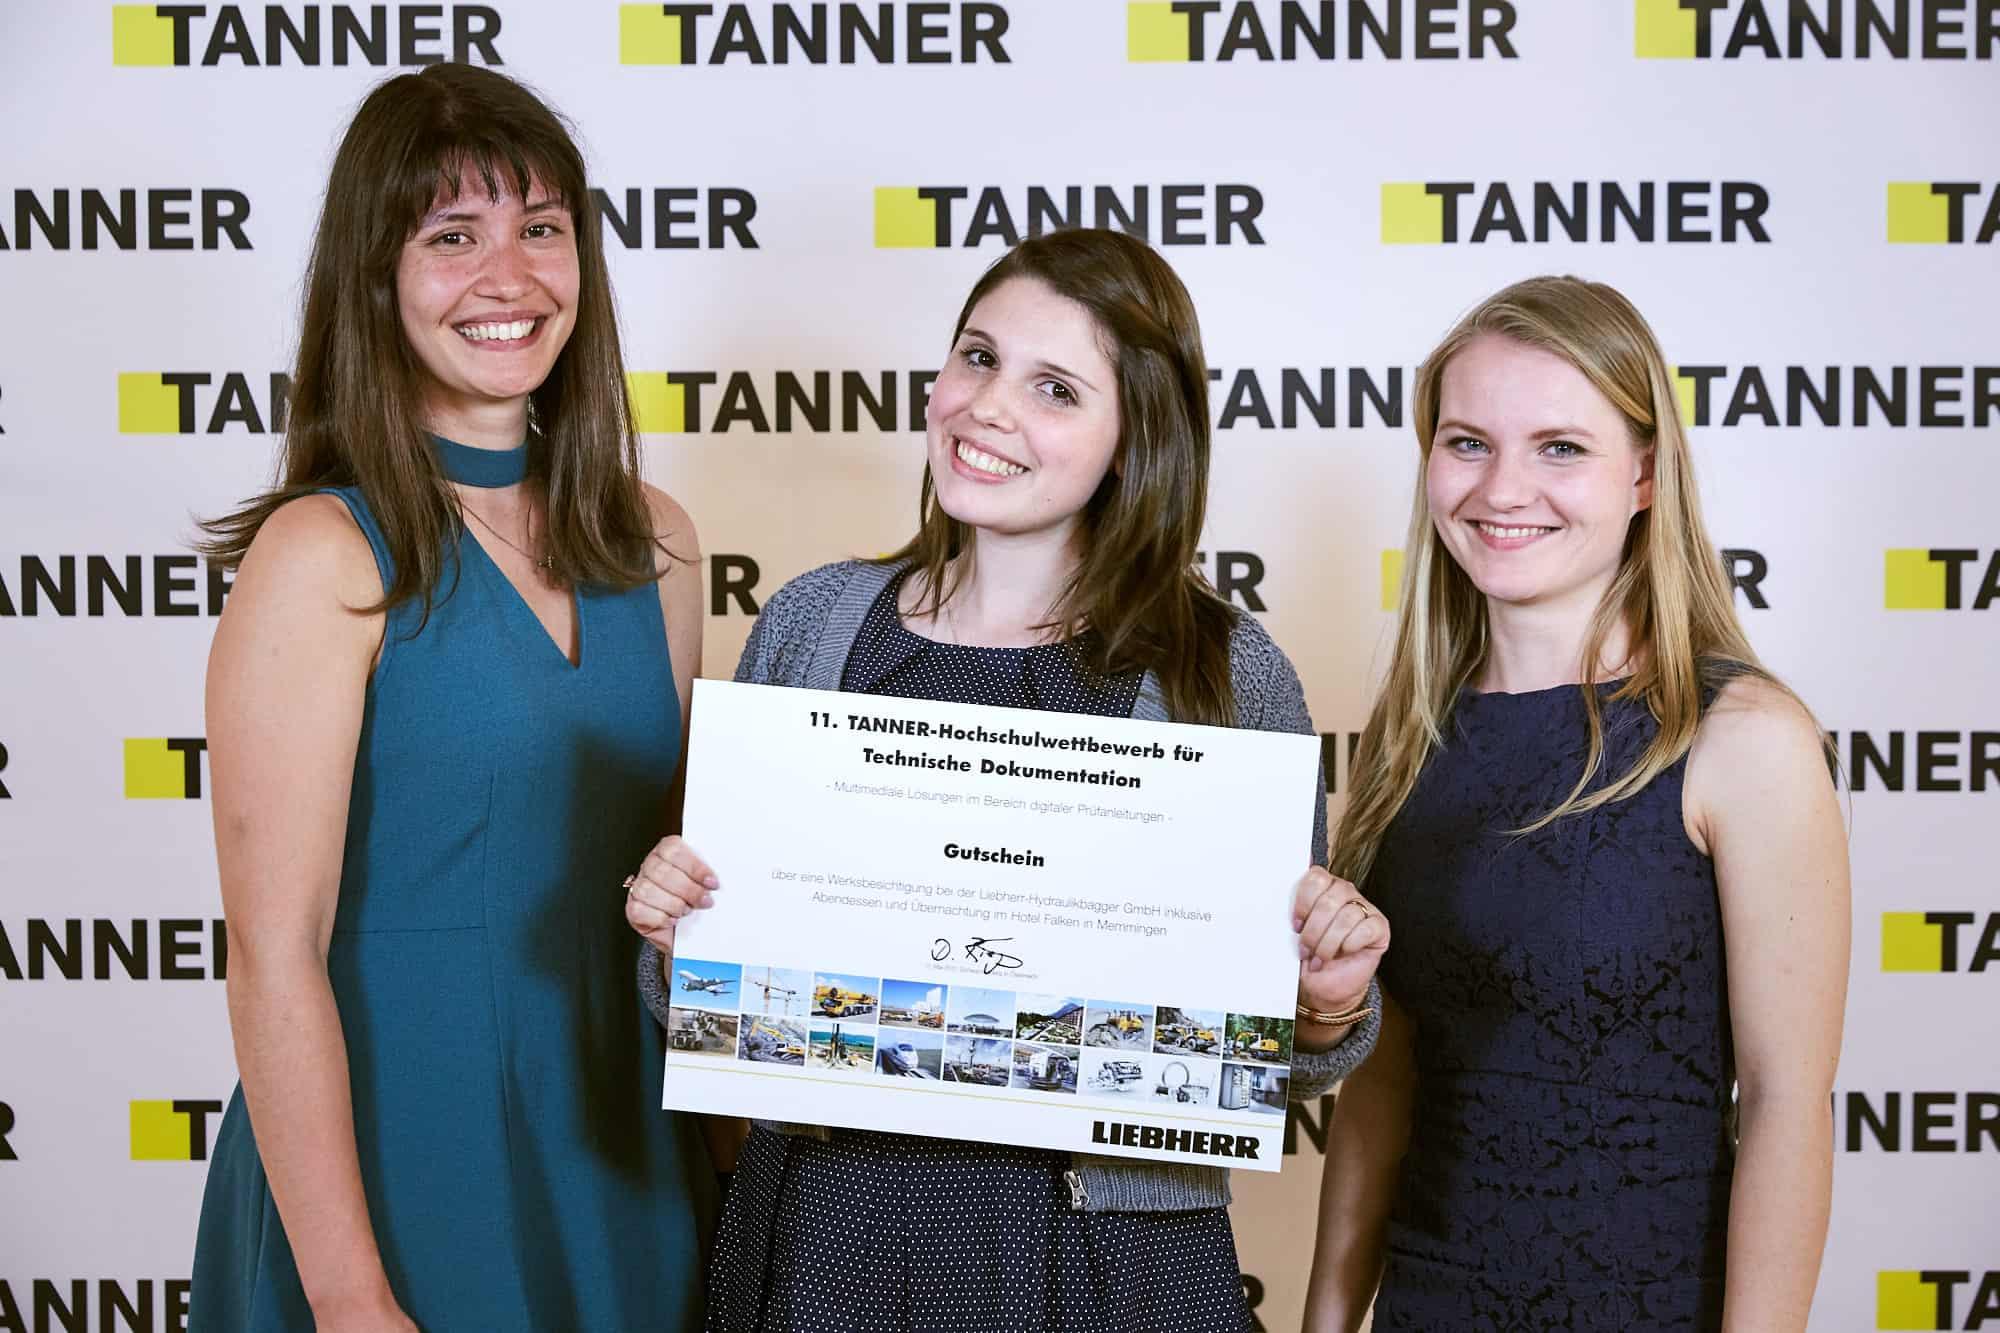 Gruppenbild Team von der Hochschule Karlsruhe beim 11. TANNER-Hochschulwettbewerb